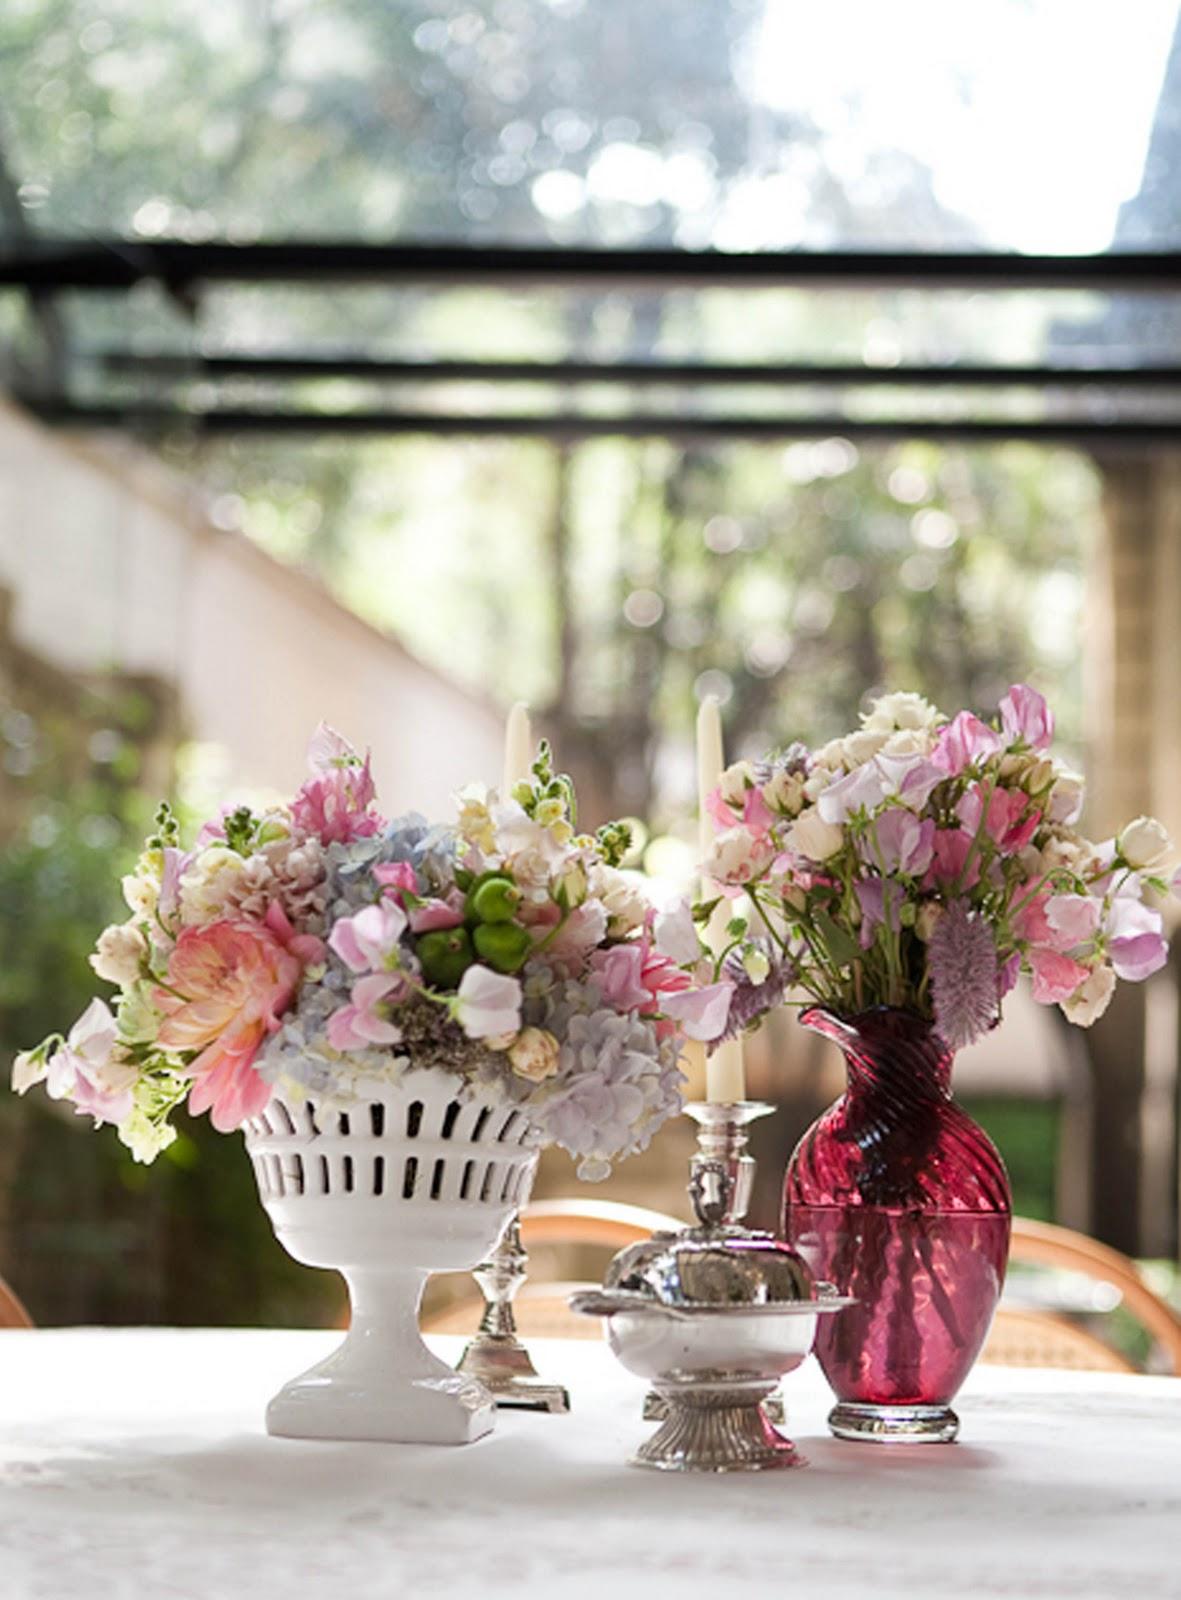 decoracao de interiores estilo romântico : decoracao de interiores estilo romântico:Luxo Decor: Decoração Vintage